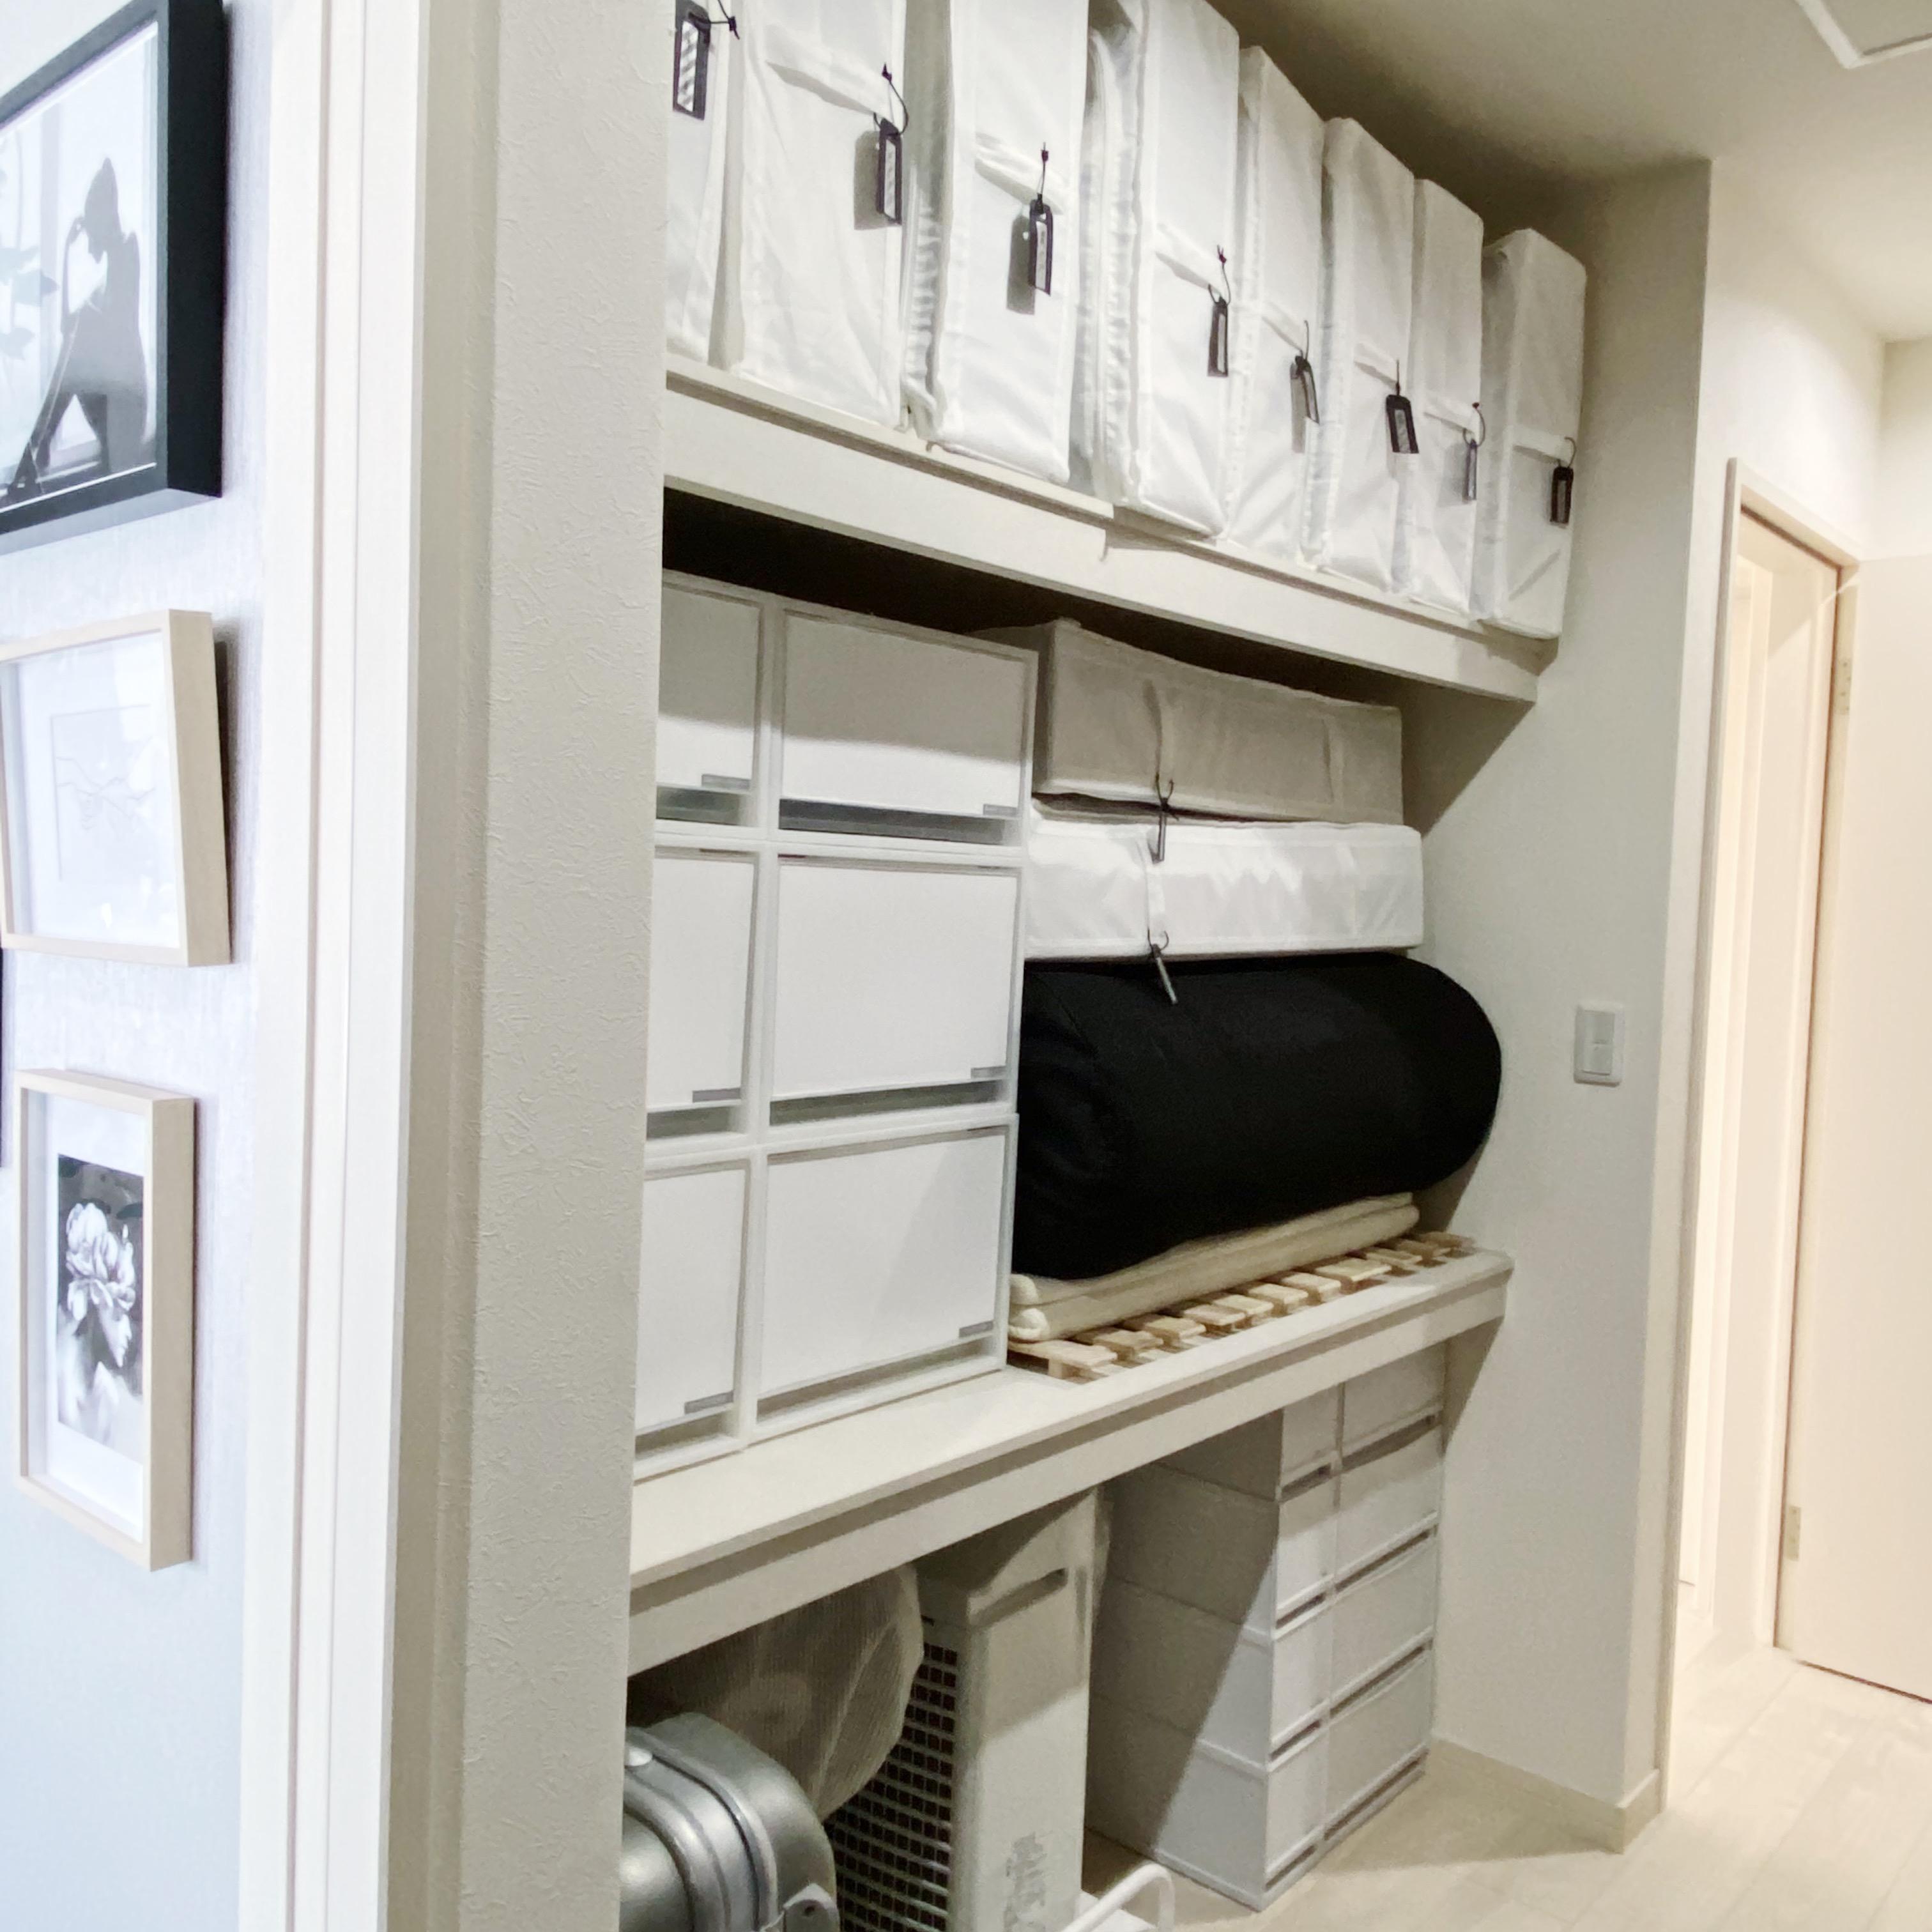 folk連載その43★「無印良品・ニトリ・IKEA」ですっきり押し入れ収納♪